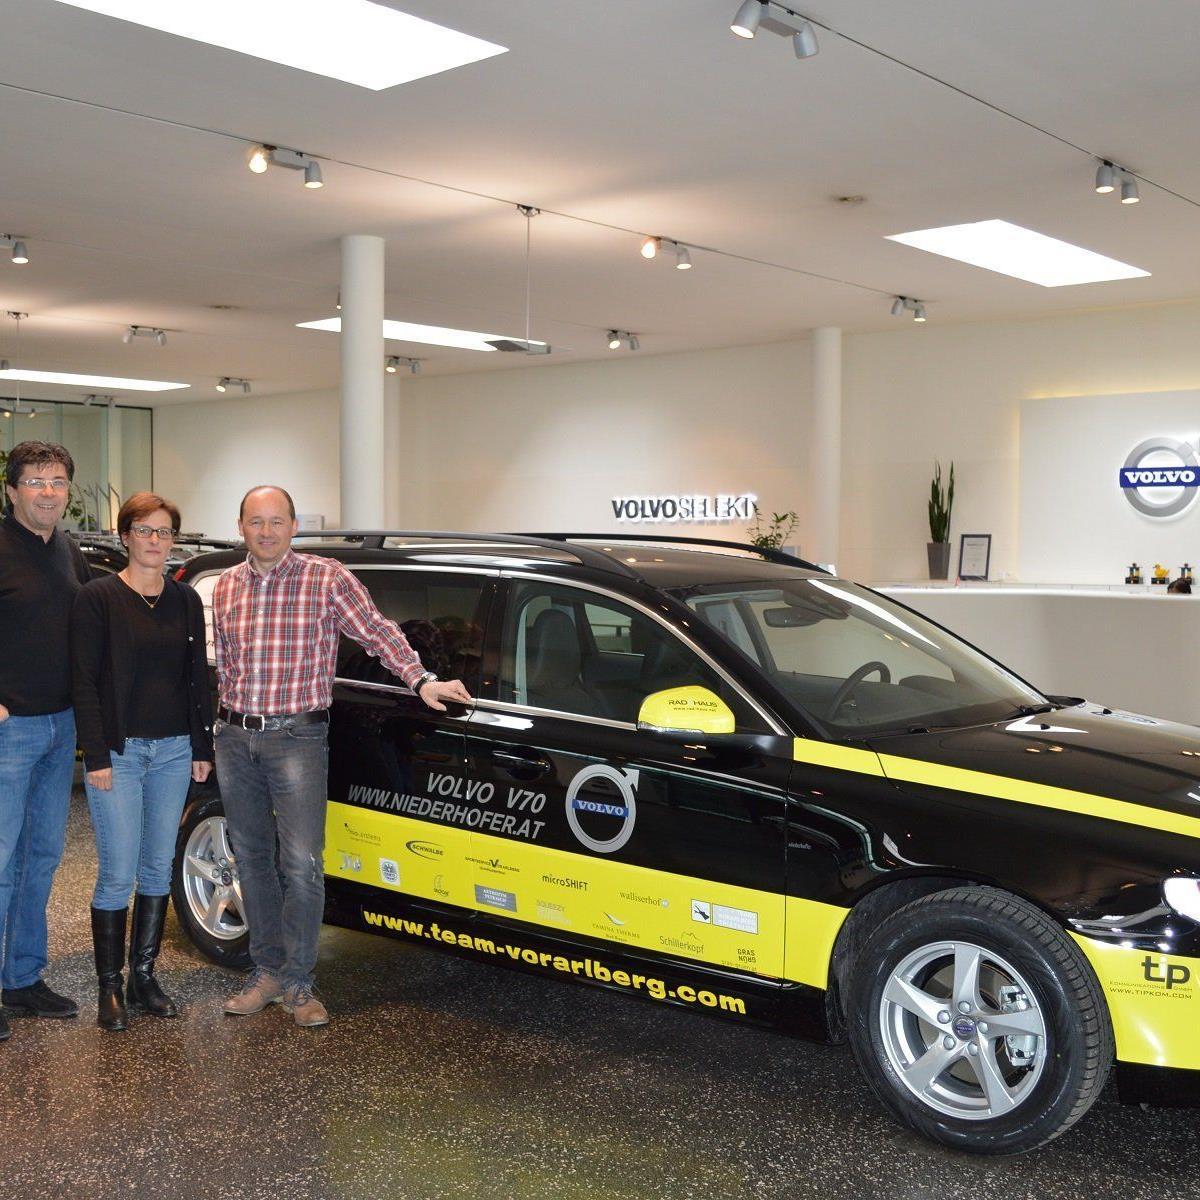 Das Autohaus Niederhofer mit Sabine Wolf und Wolfgang Rother übergeben die PKW an Tom Kofler.